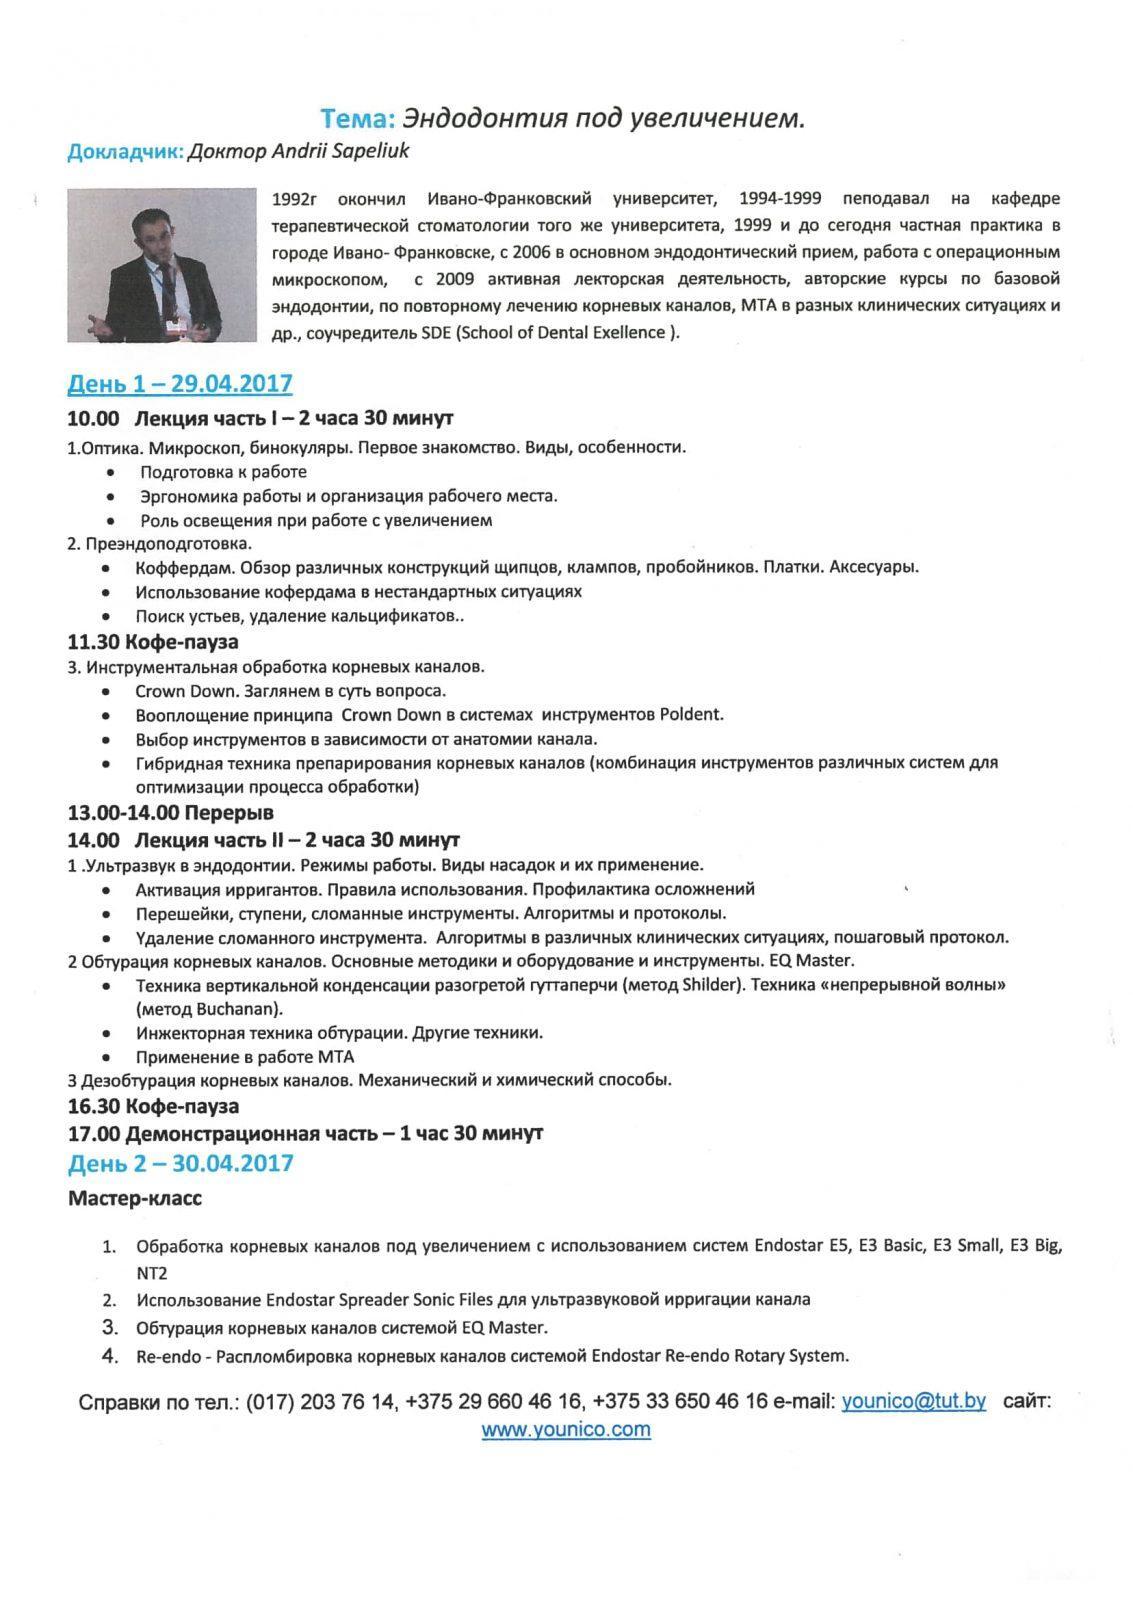 Эндодонтия под увеличением (Пажлаков Павел Анатольевич)